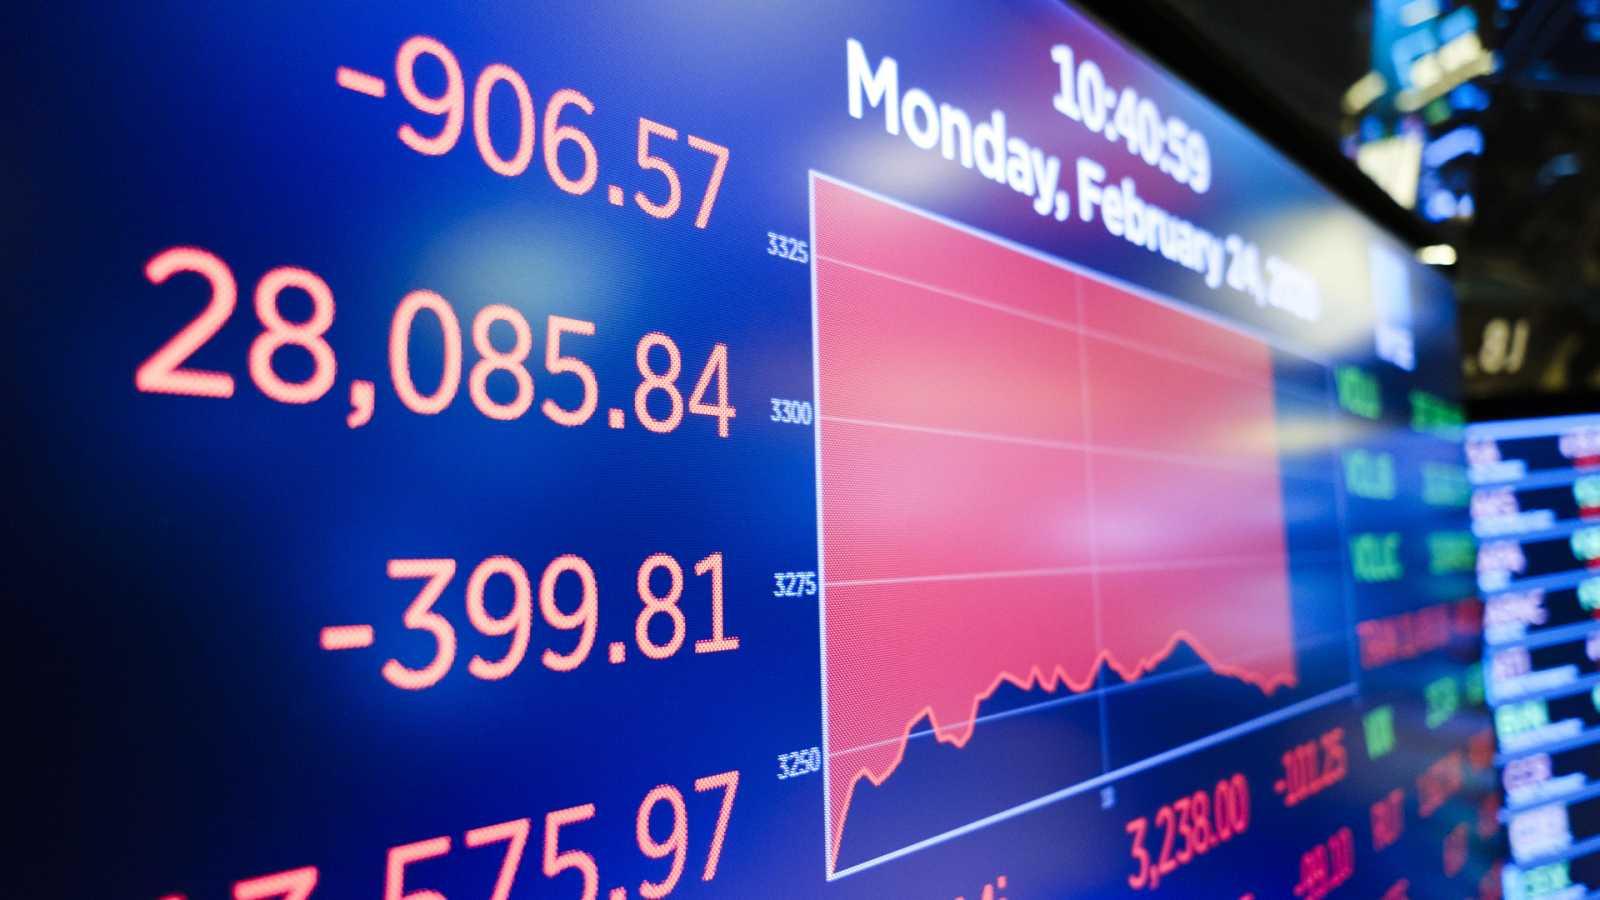 La bolsa pierde un 2,45 % y registra su segunda mayor caída del año